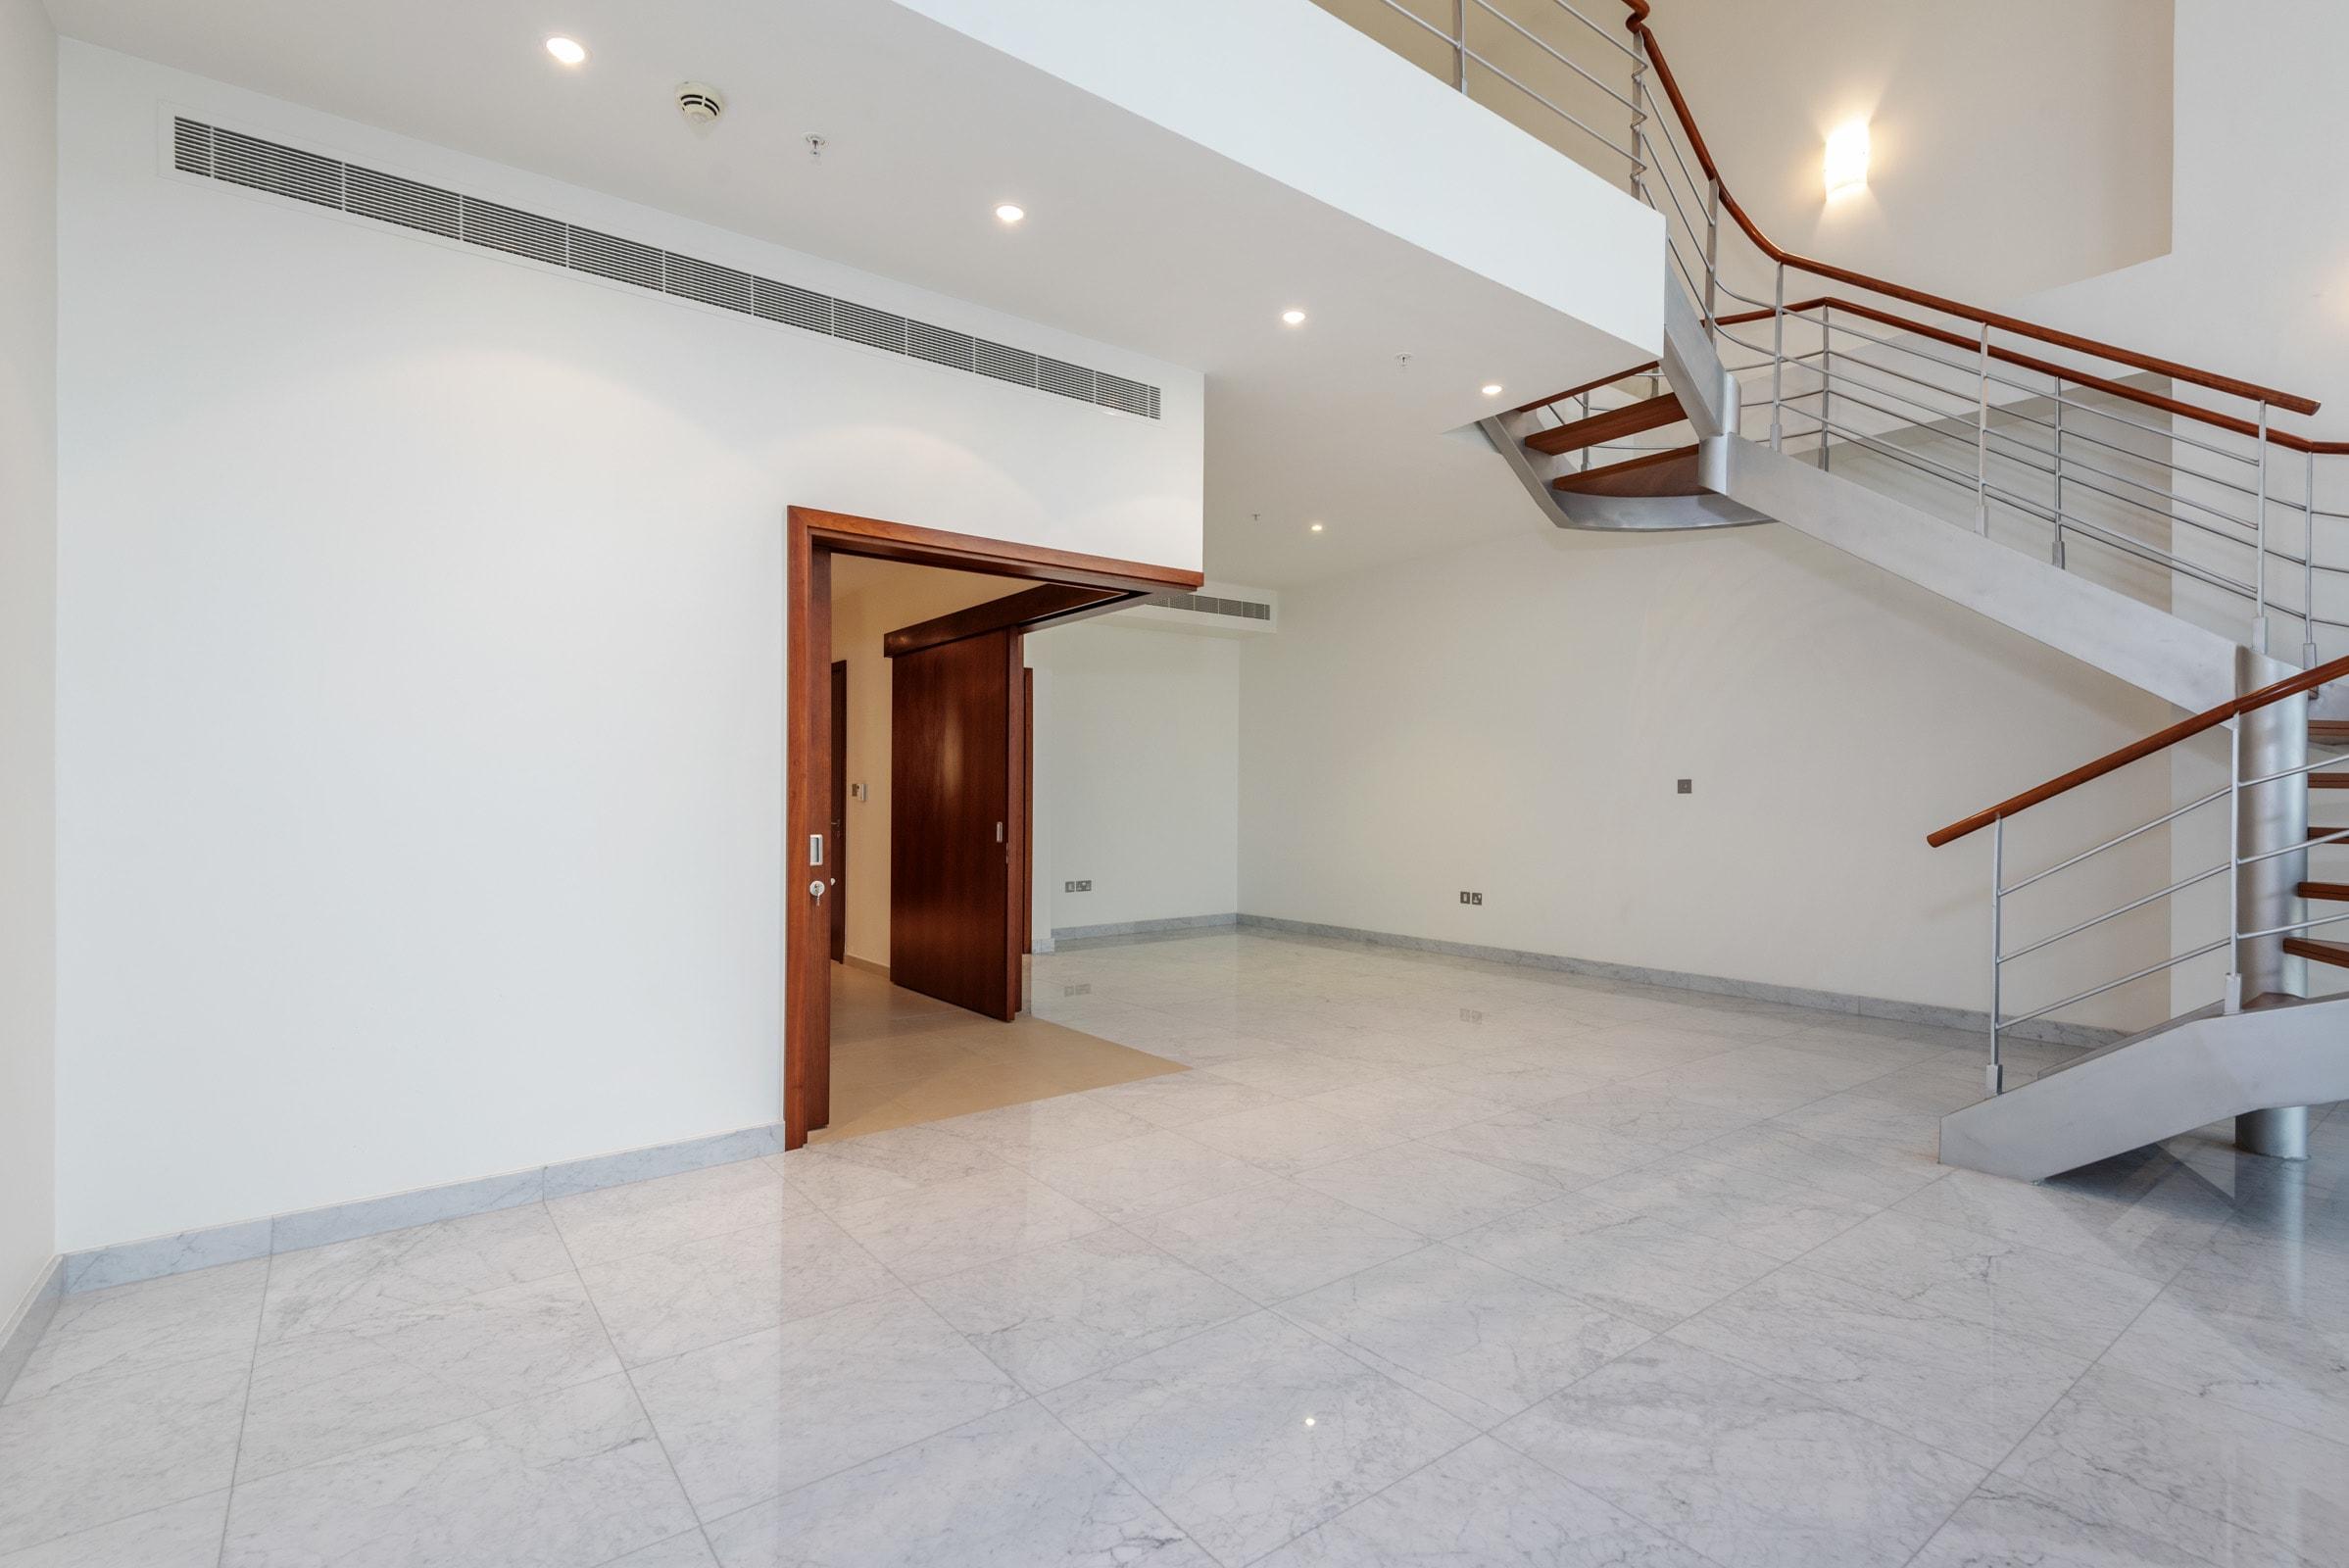 3 Bedrooms Duplex High Floor   SZR Views